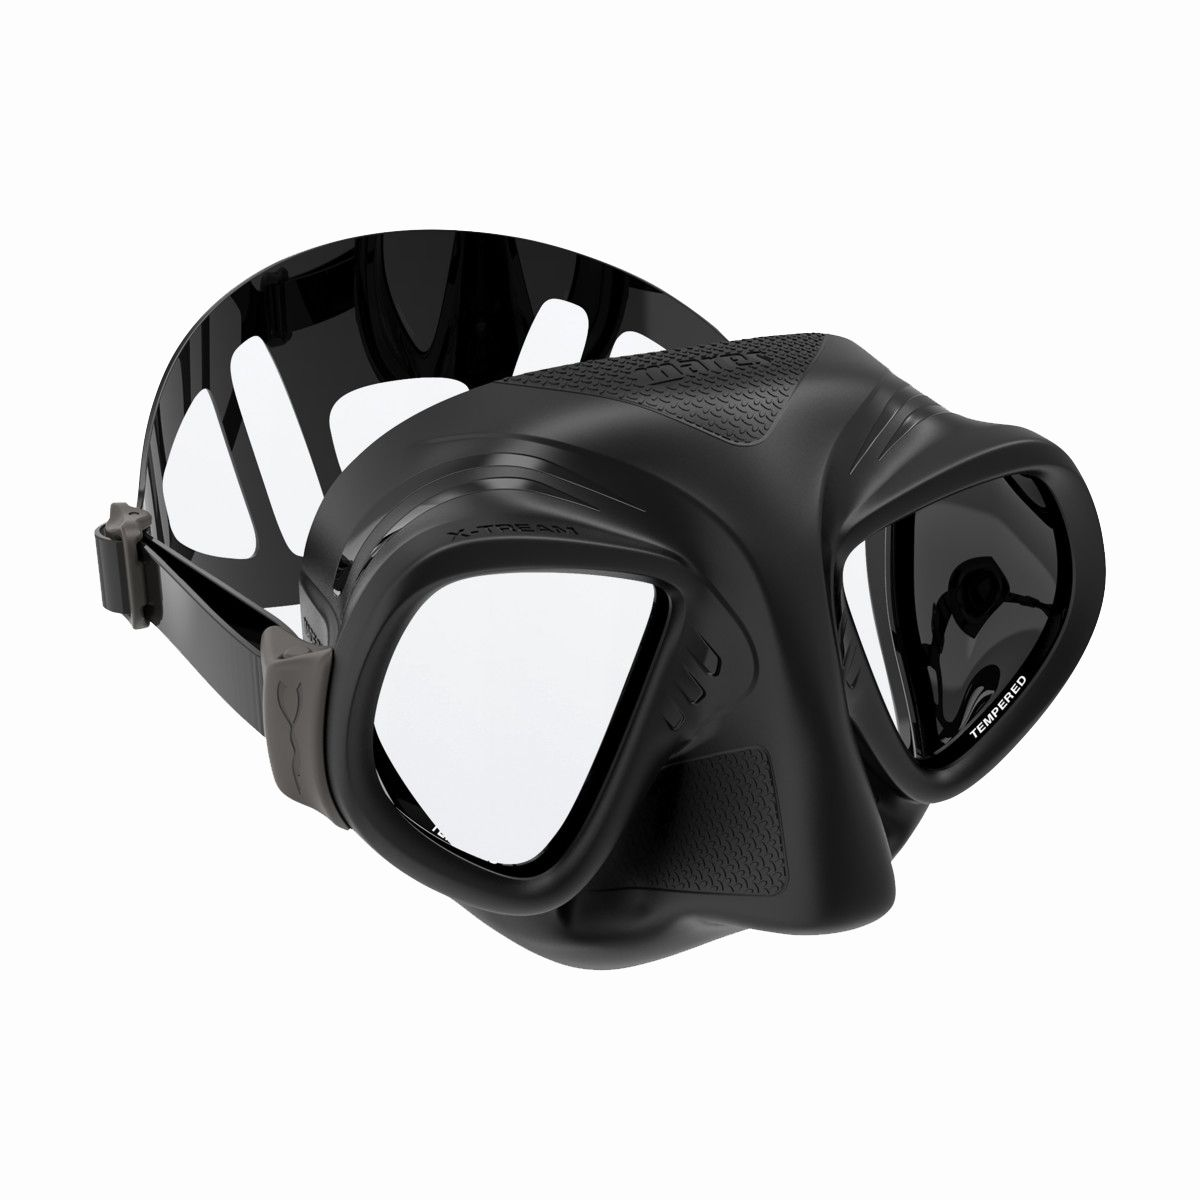 Masque Mares X Tream Noir